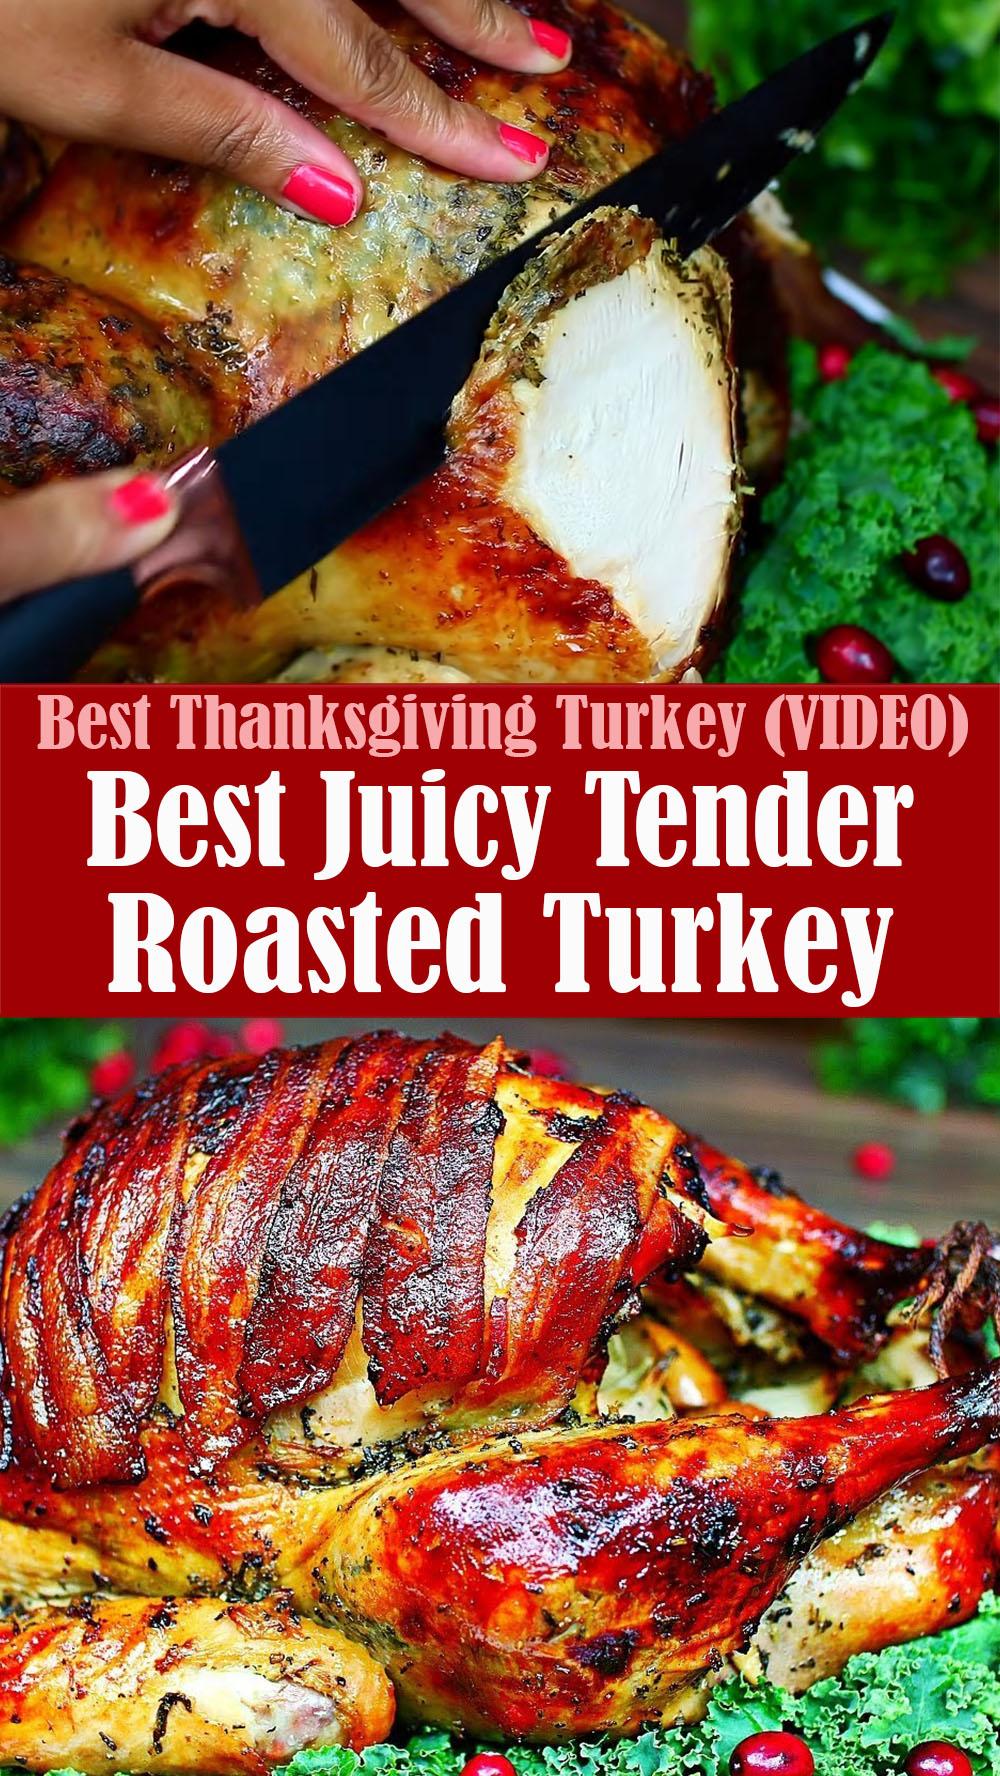 Best Juicy Tender Roasted Turkey Recipe